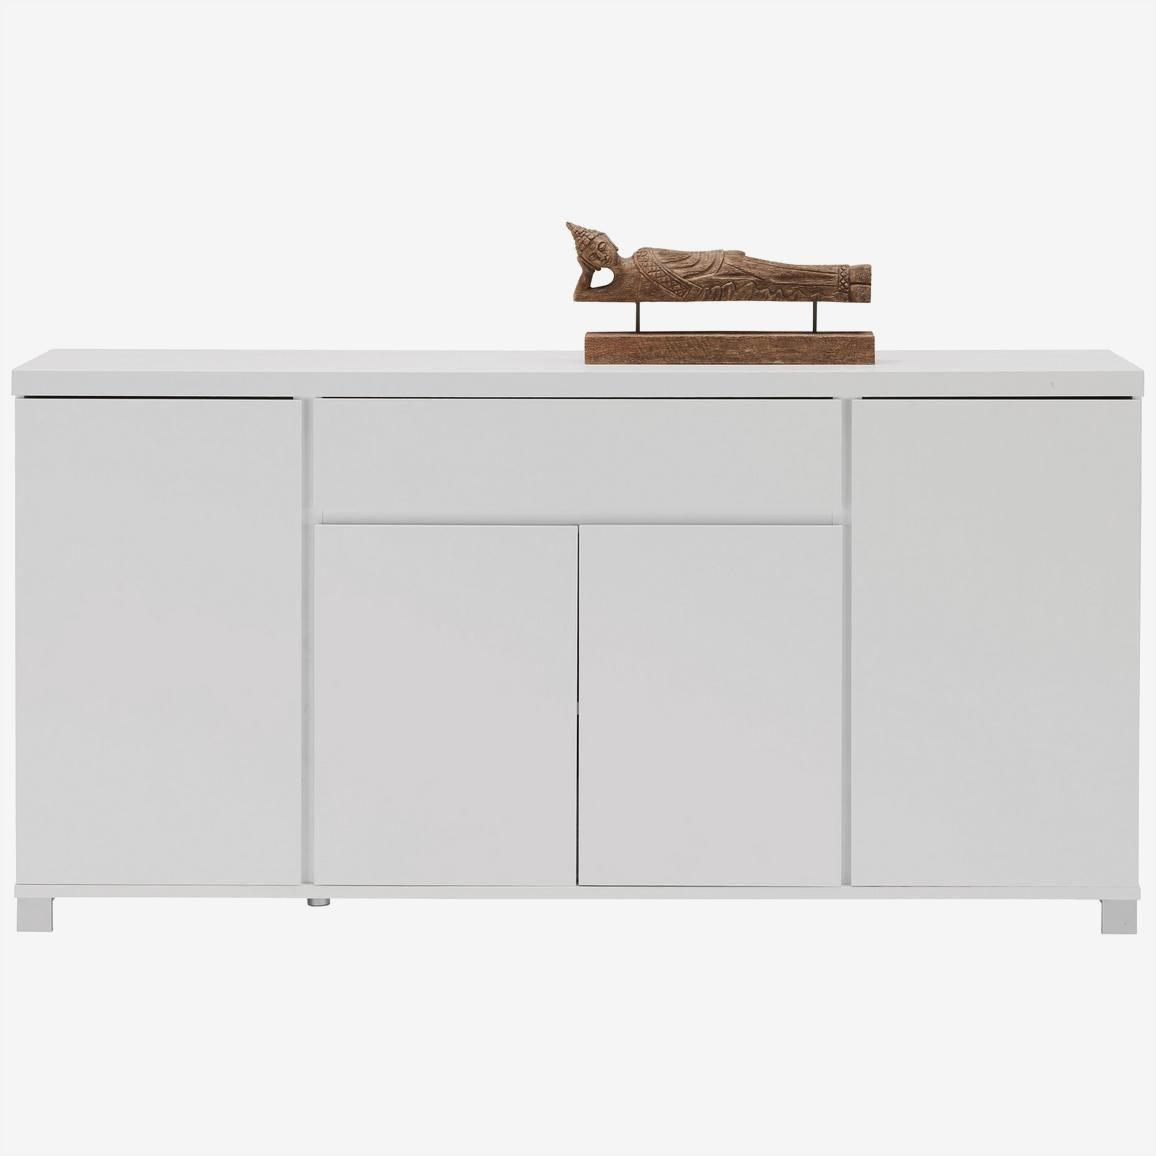 Full Size of Ikea Sideboard Esszimmer Traumhaus Dekoration Sofa Mit Schlaffunktion Küche Kosten Modulküche Betten 160x200 Kaufen Miniküche Arbeitsplatte Bei Wohnzimmer Wohnzimmer Ikea Sideboard